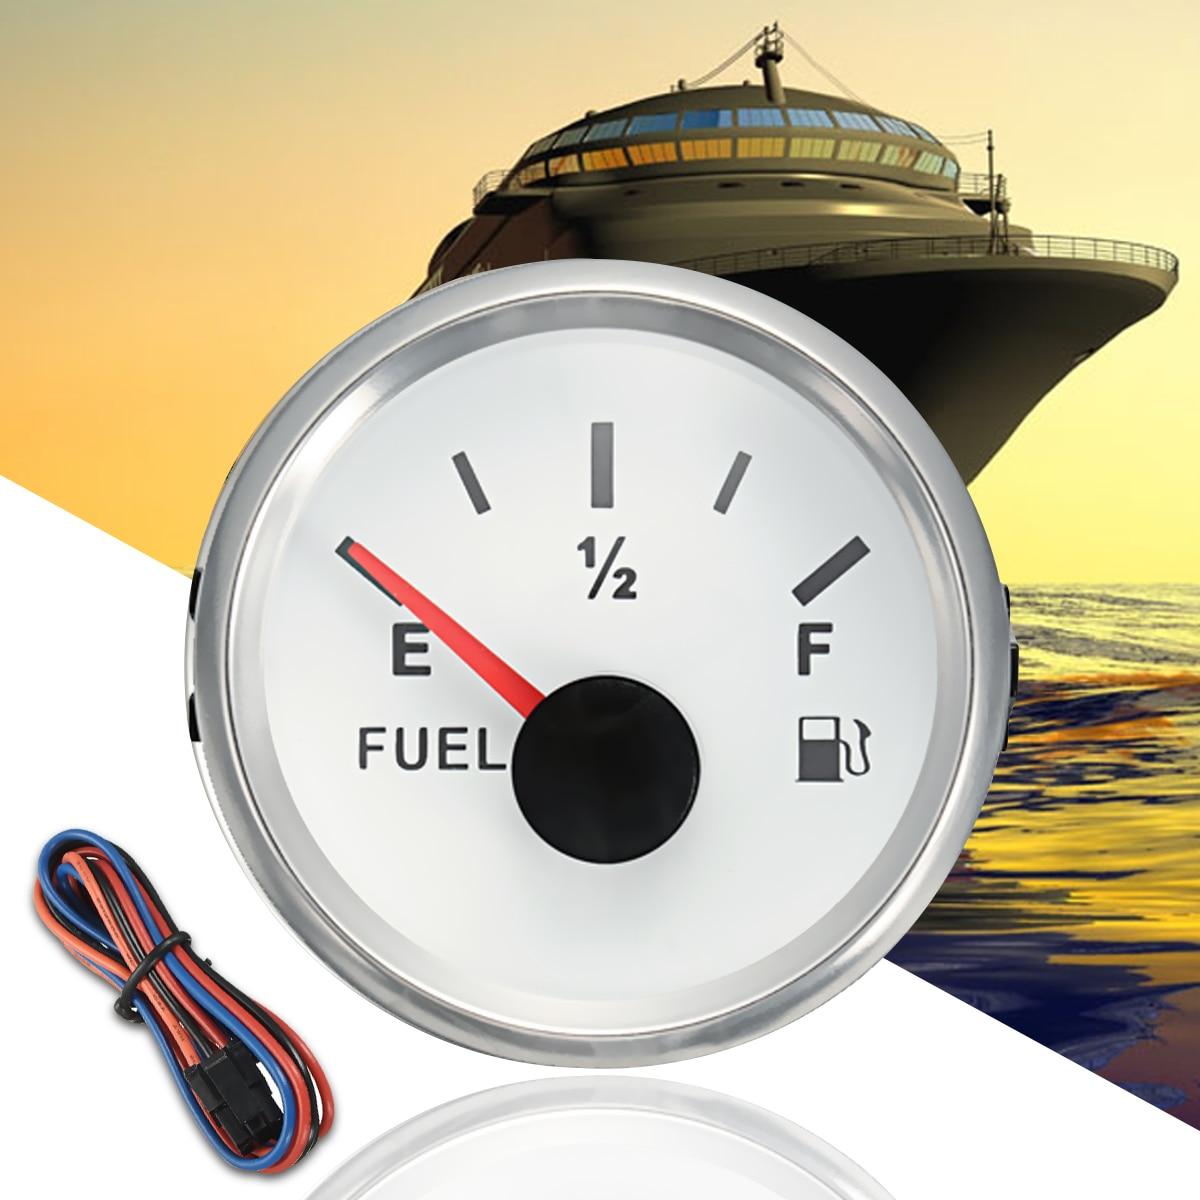 Car Gauge 52mm Oil Gauge Marine Fuel Gauge Boat Truck Oil Tank Level Indicator DC 932V 240-33ohms Boat Accessories